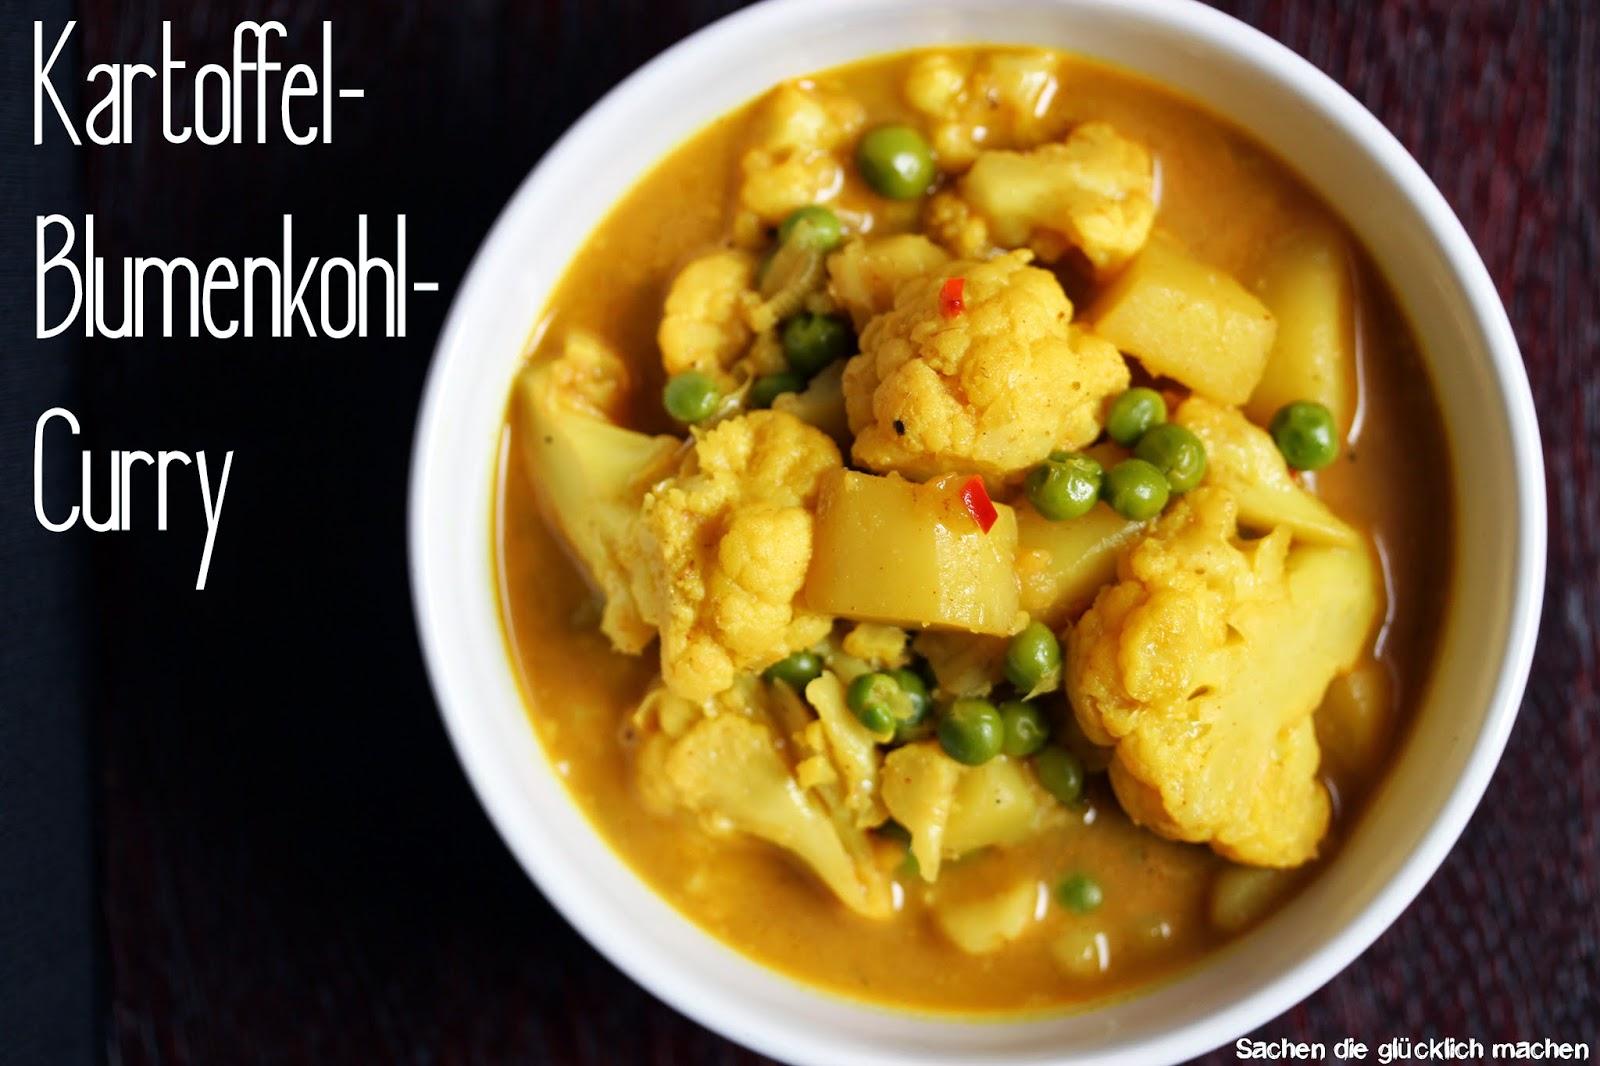 Sachen Die Glucklich Machen Kartoffel Blumenkohl Curry Vegan